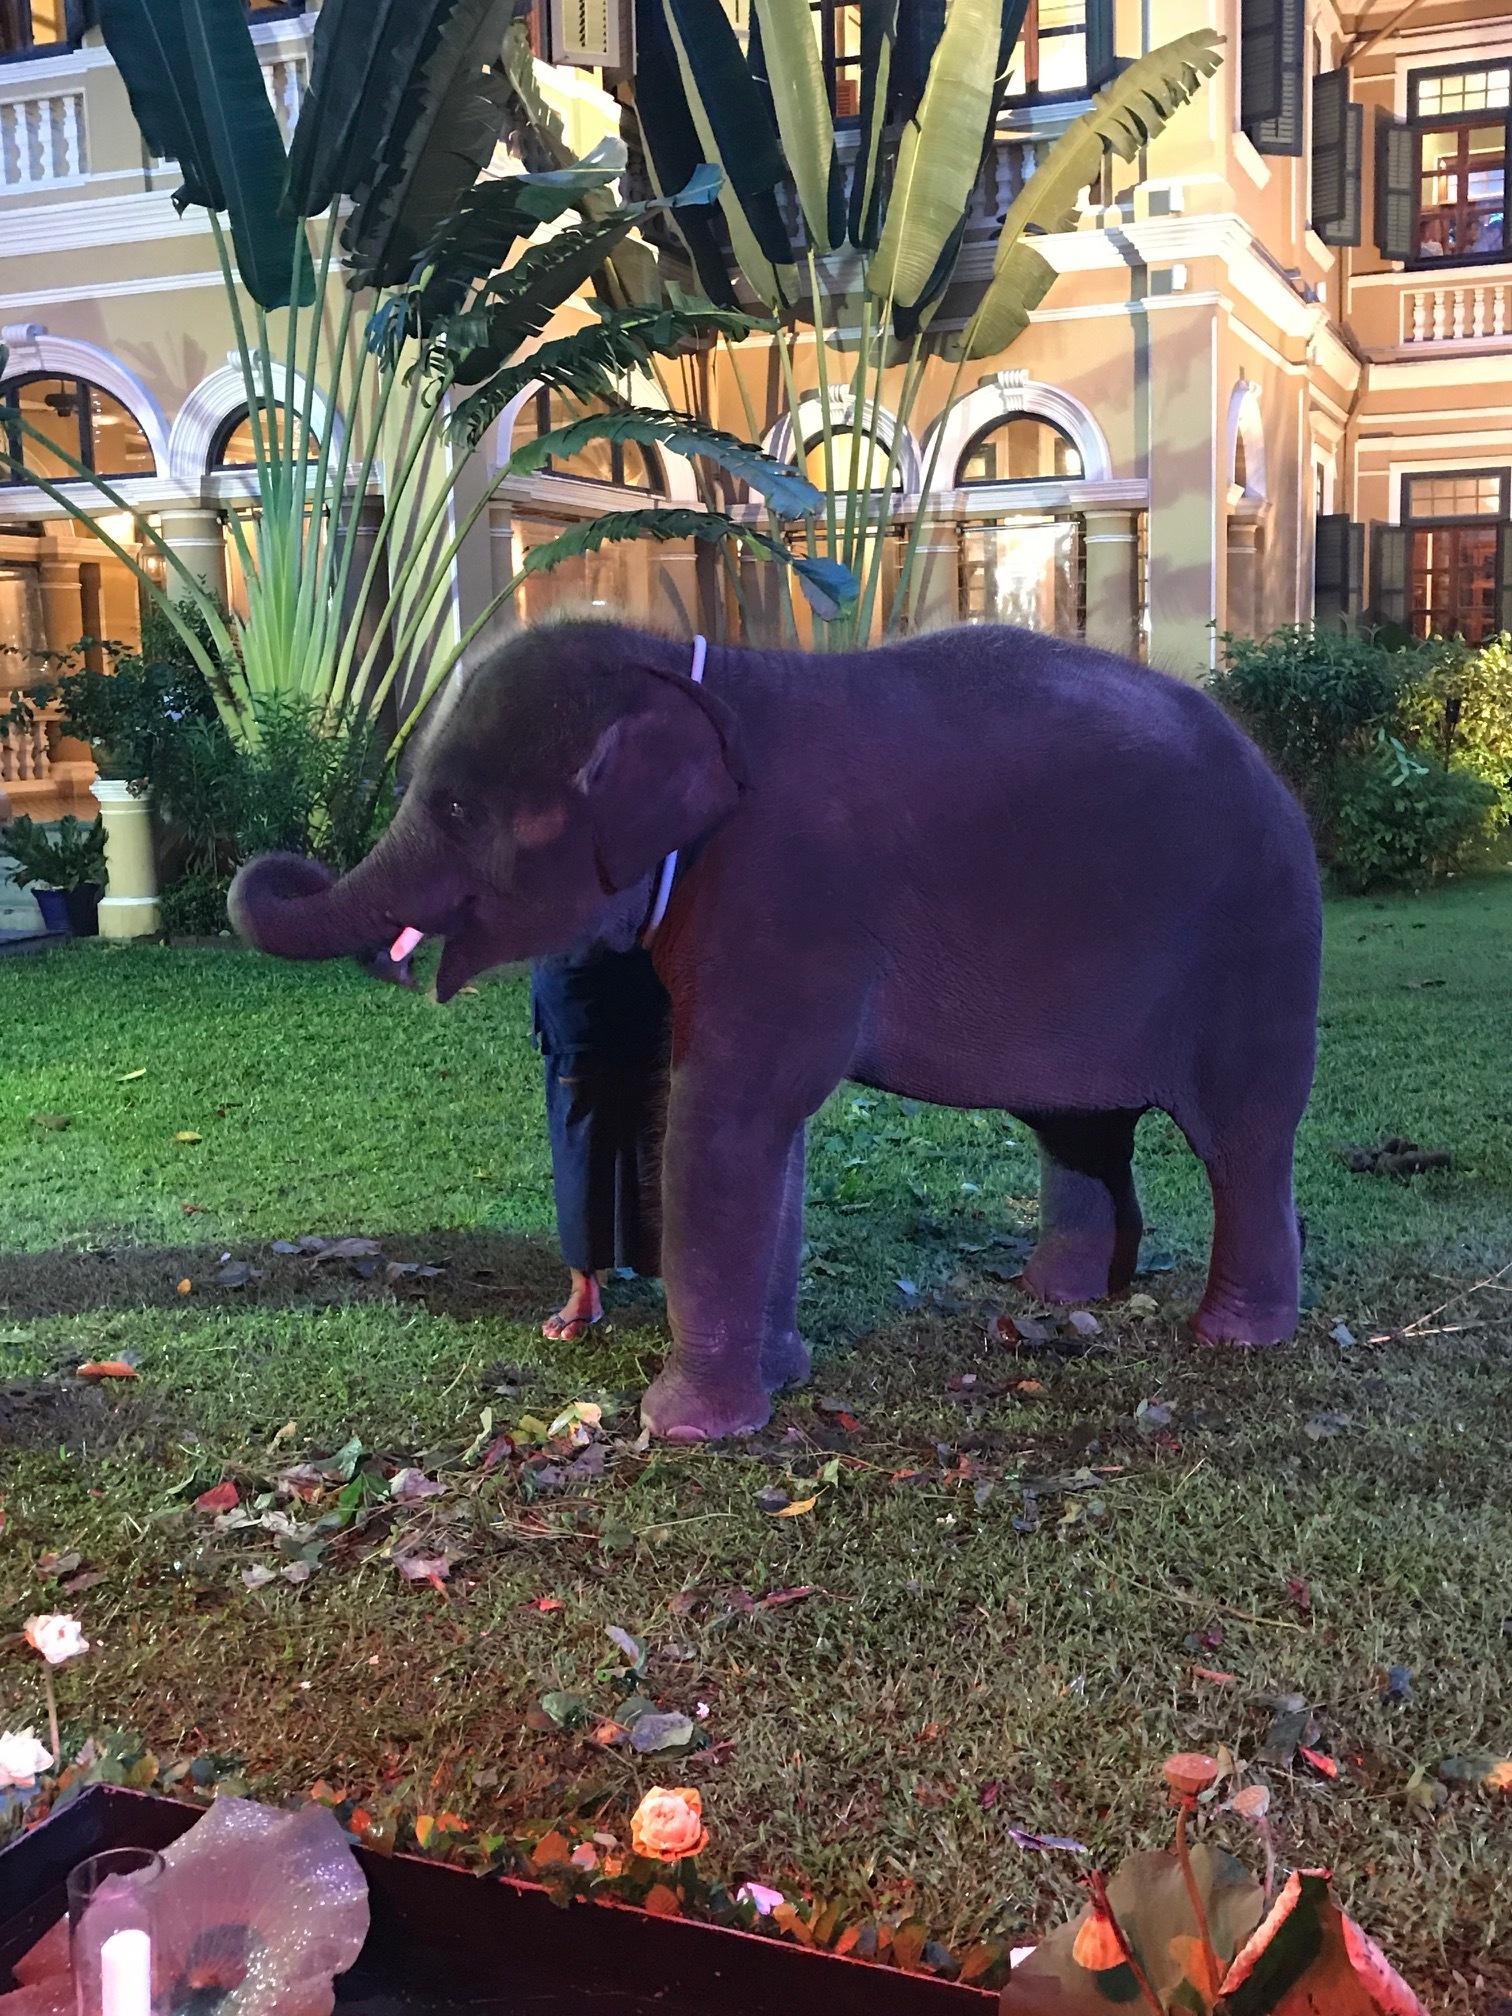 Baby Elephant at the Blue Elephant